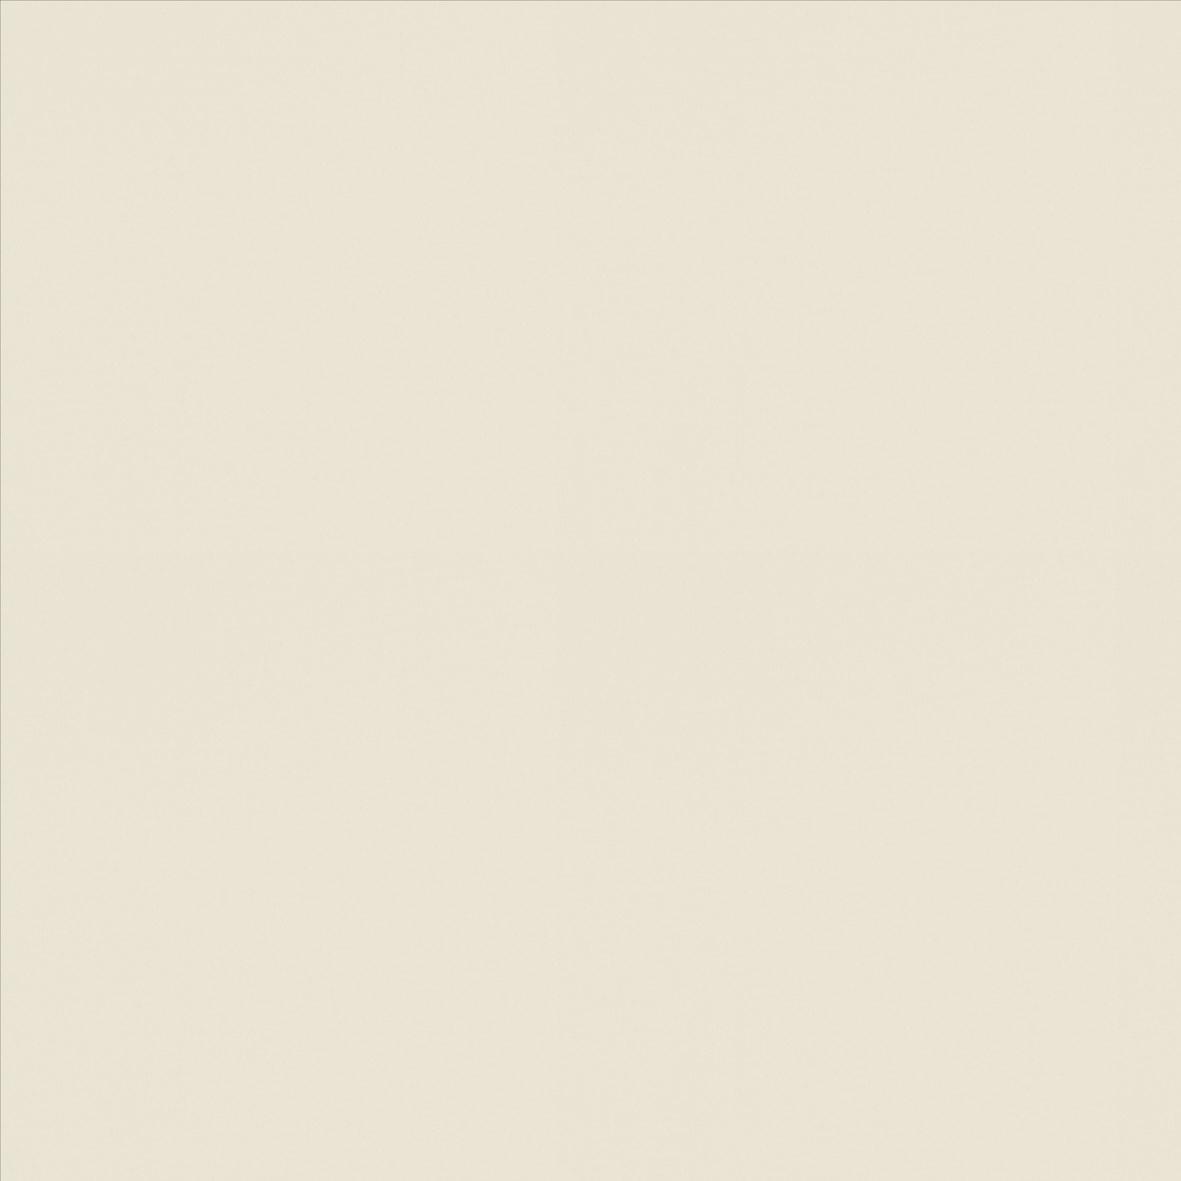 Roller_Swatch_Palette_Cream_RE0002